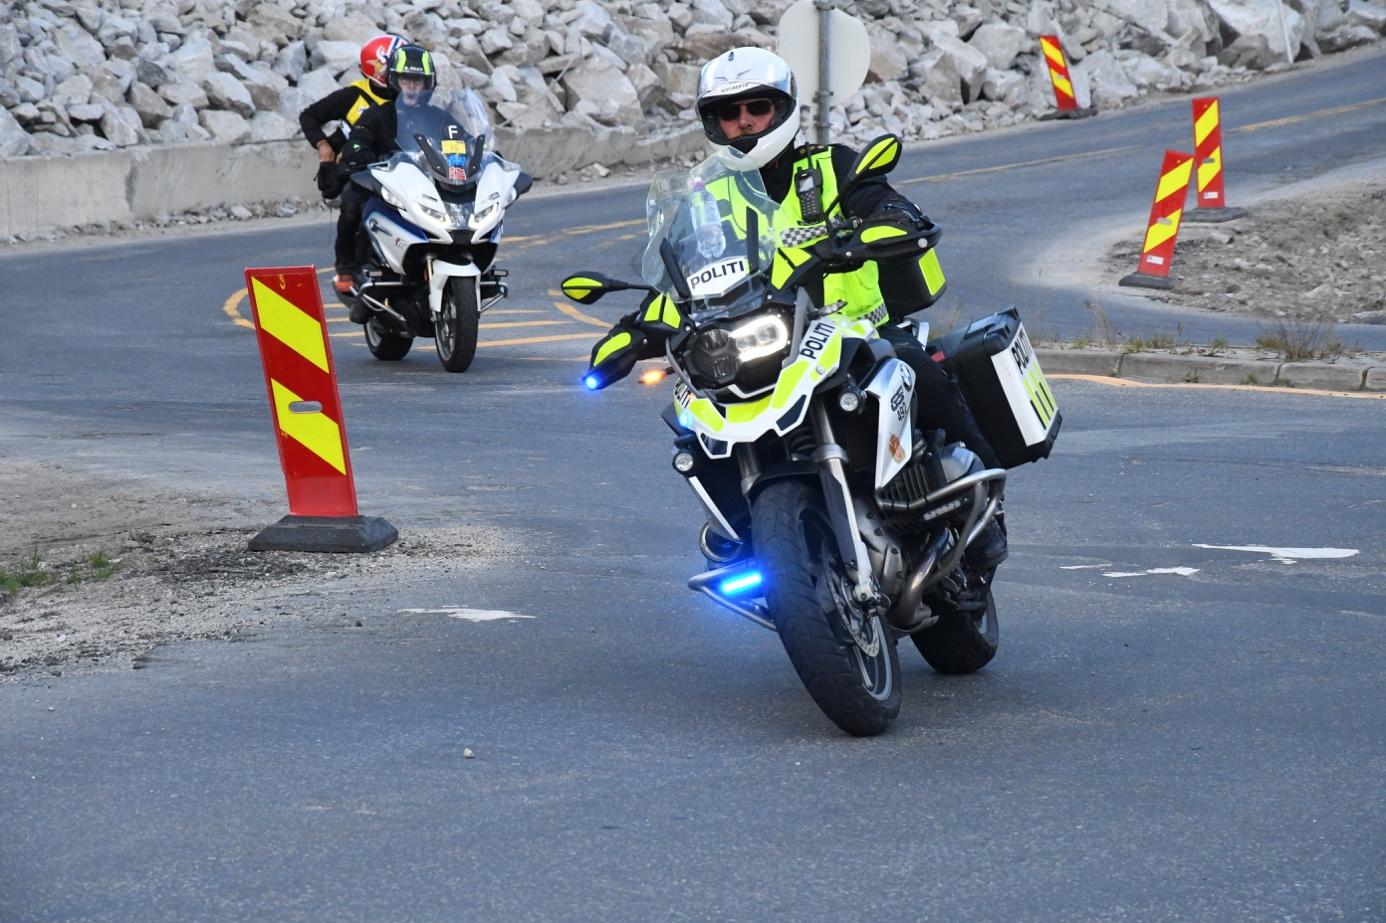 Et bilde som inneholder bilvei, utendørs, motorsykkel  Automatisk generert beskrivelse